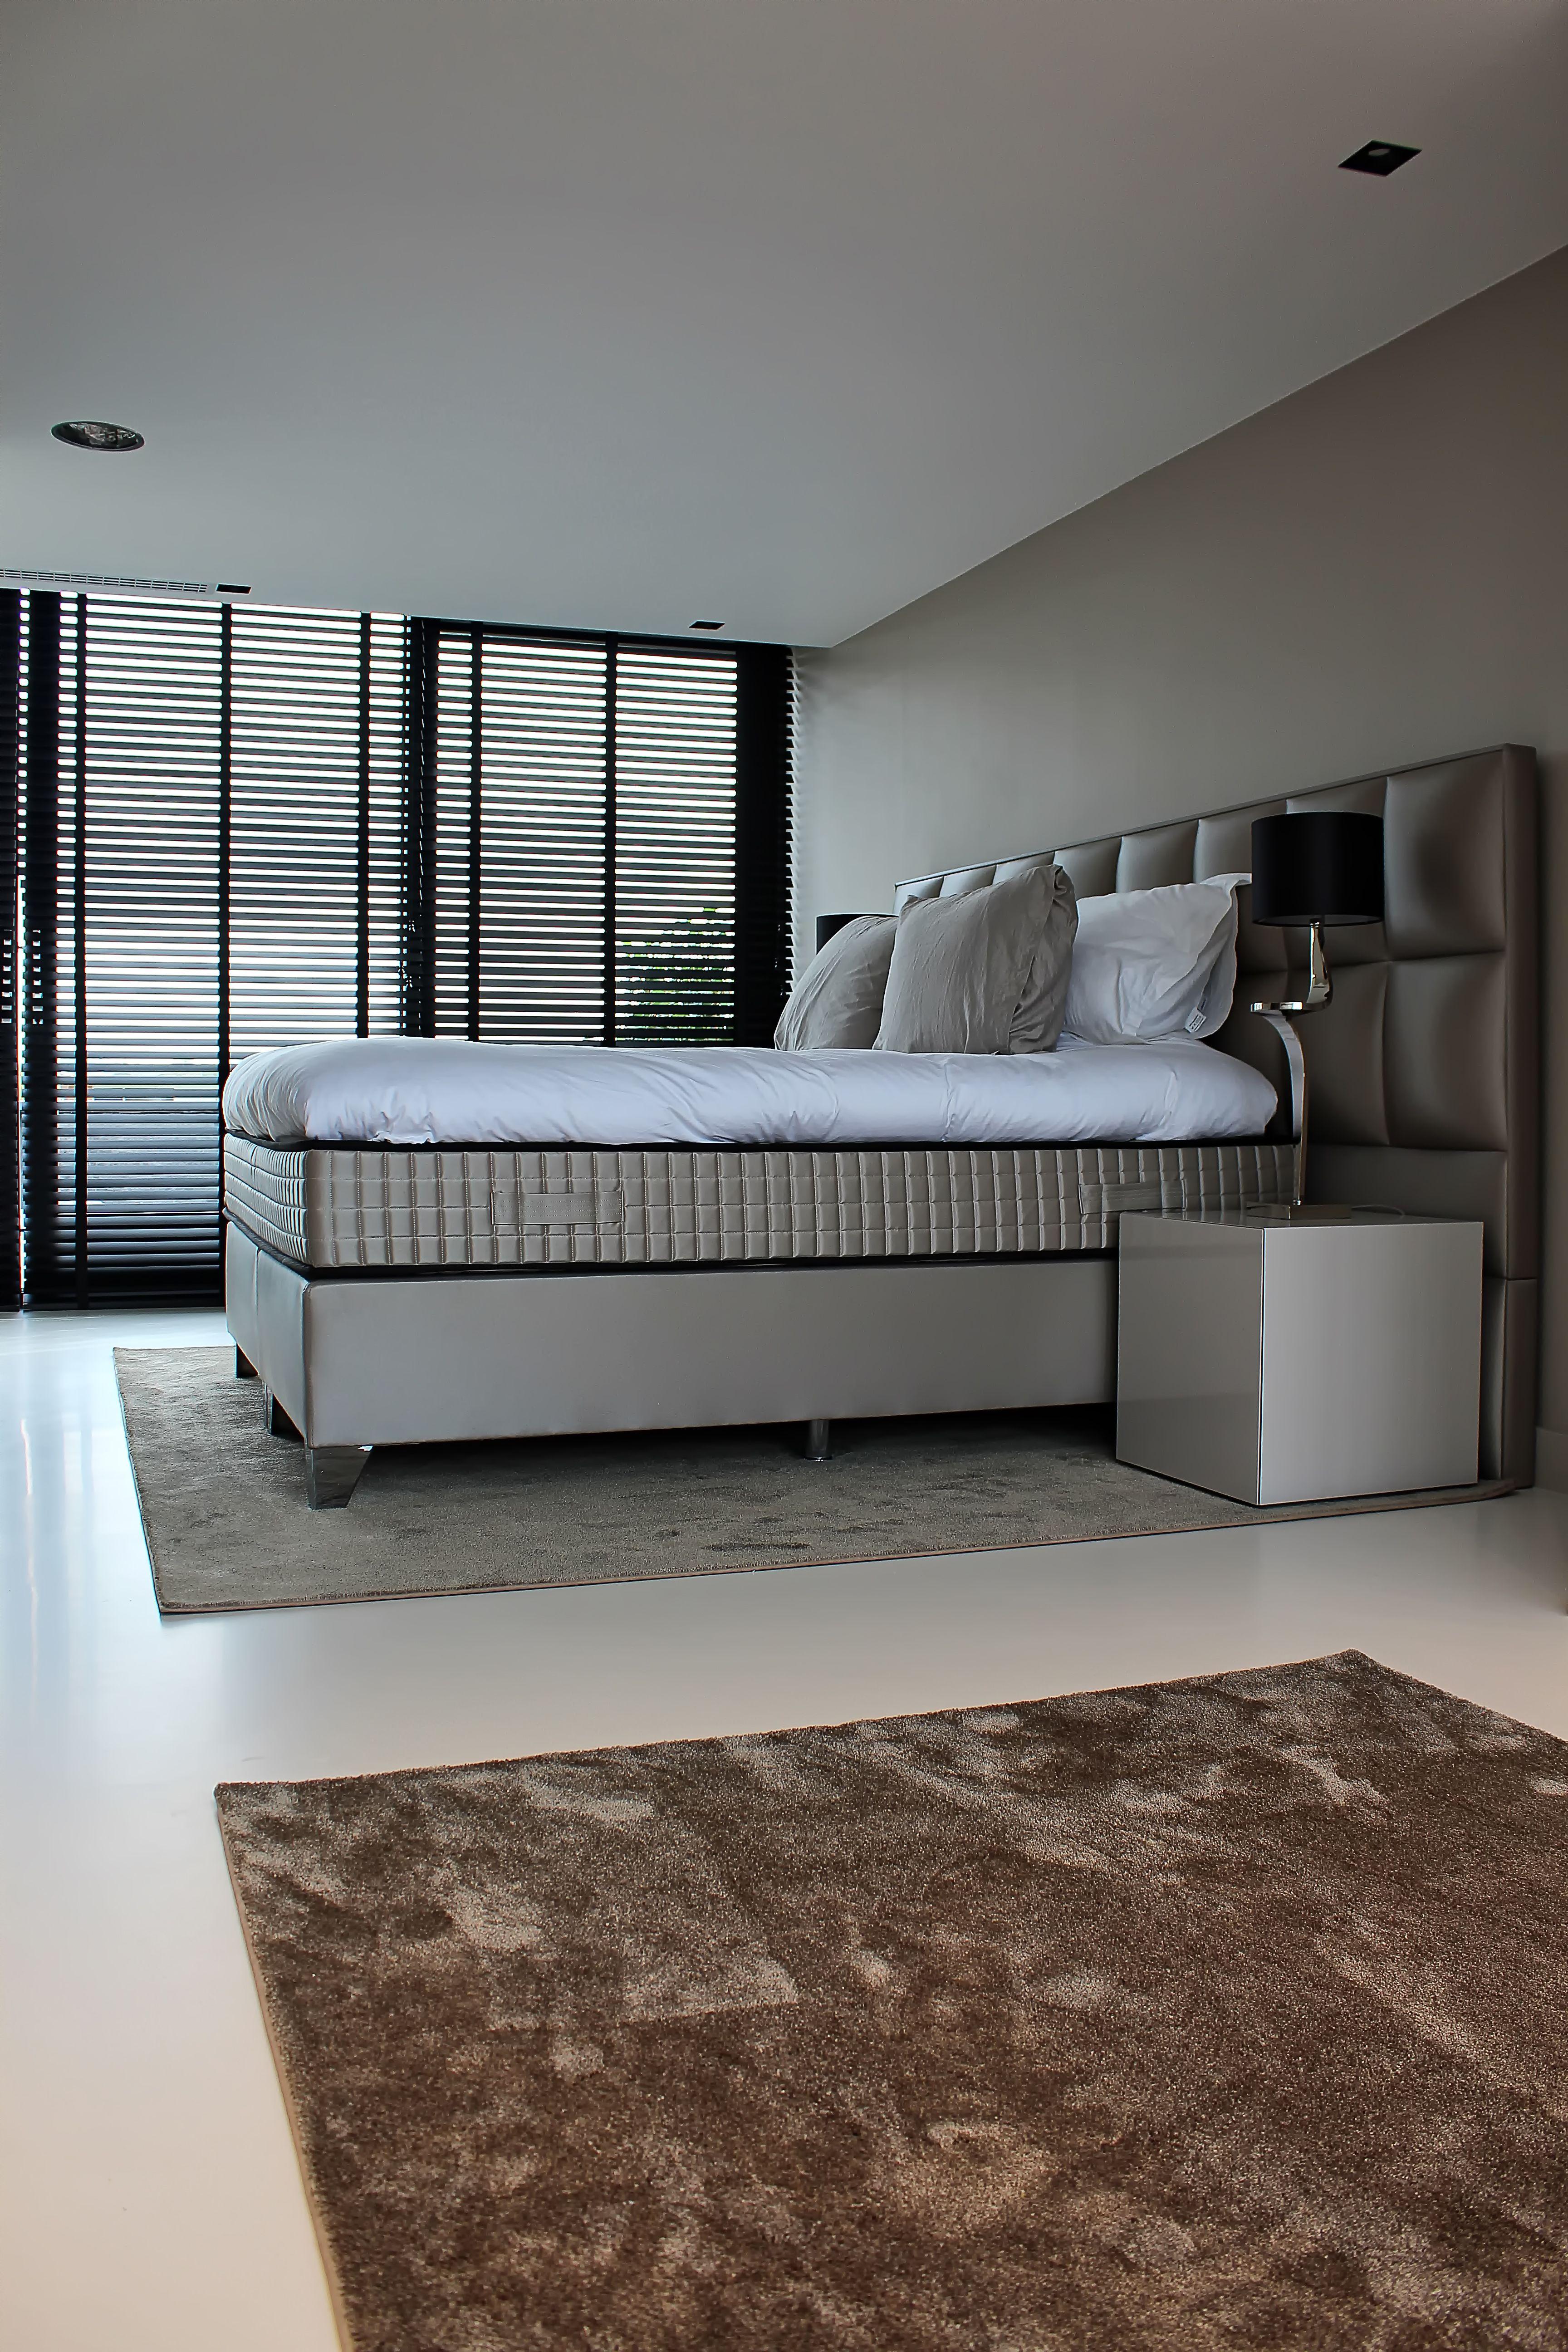 slaapkamer woonideen motion gietvloeren gietvloer kunststof vloeren interior design